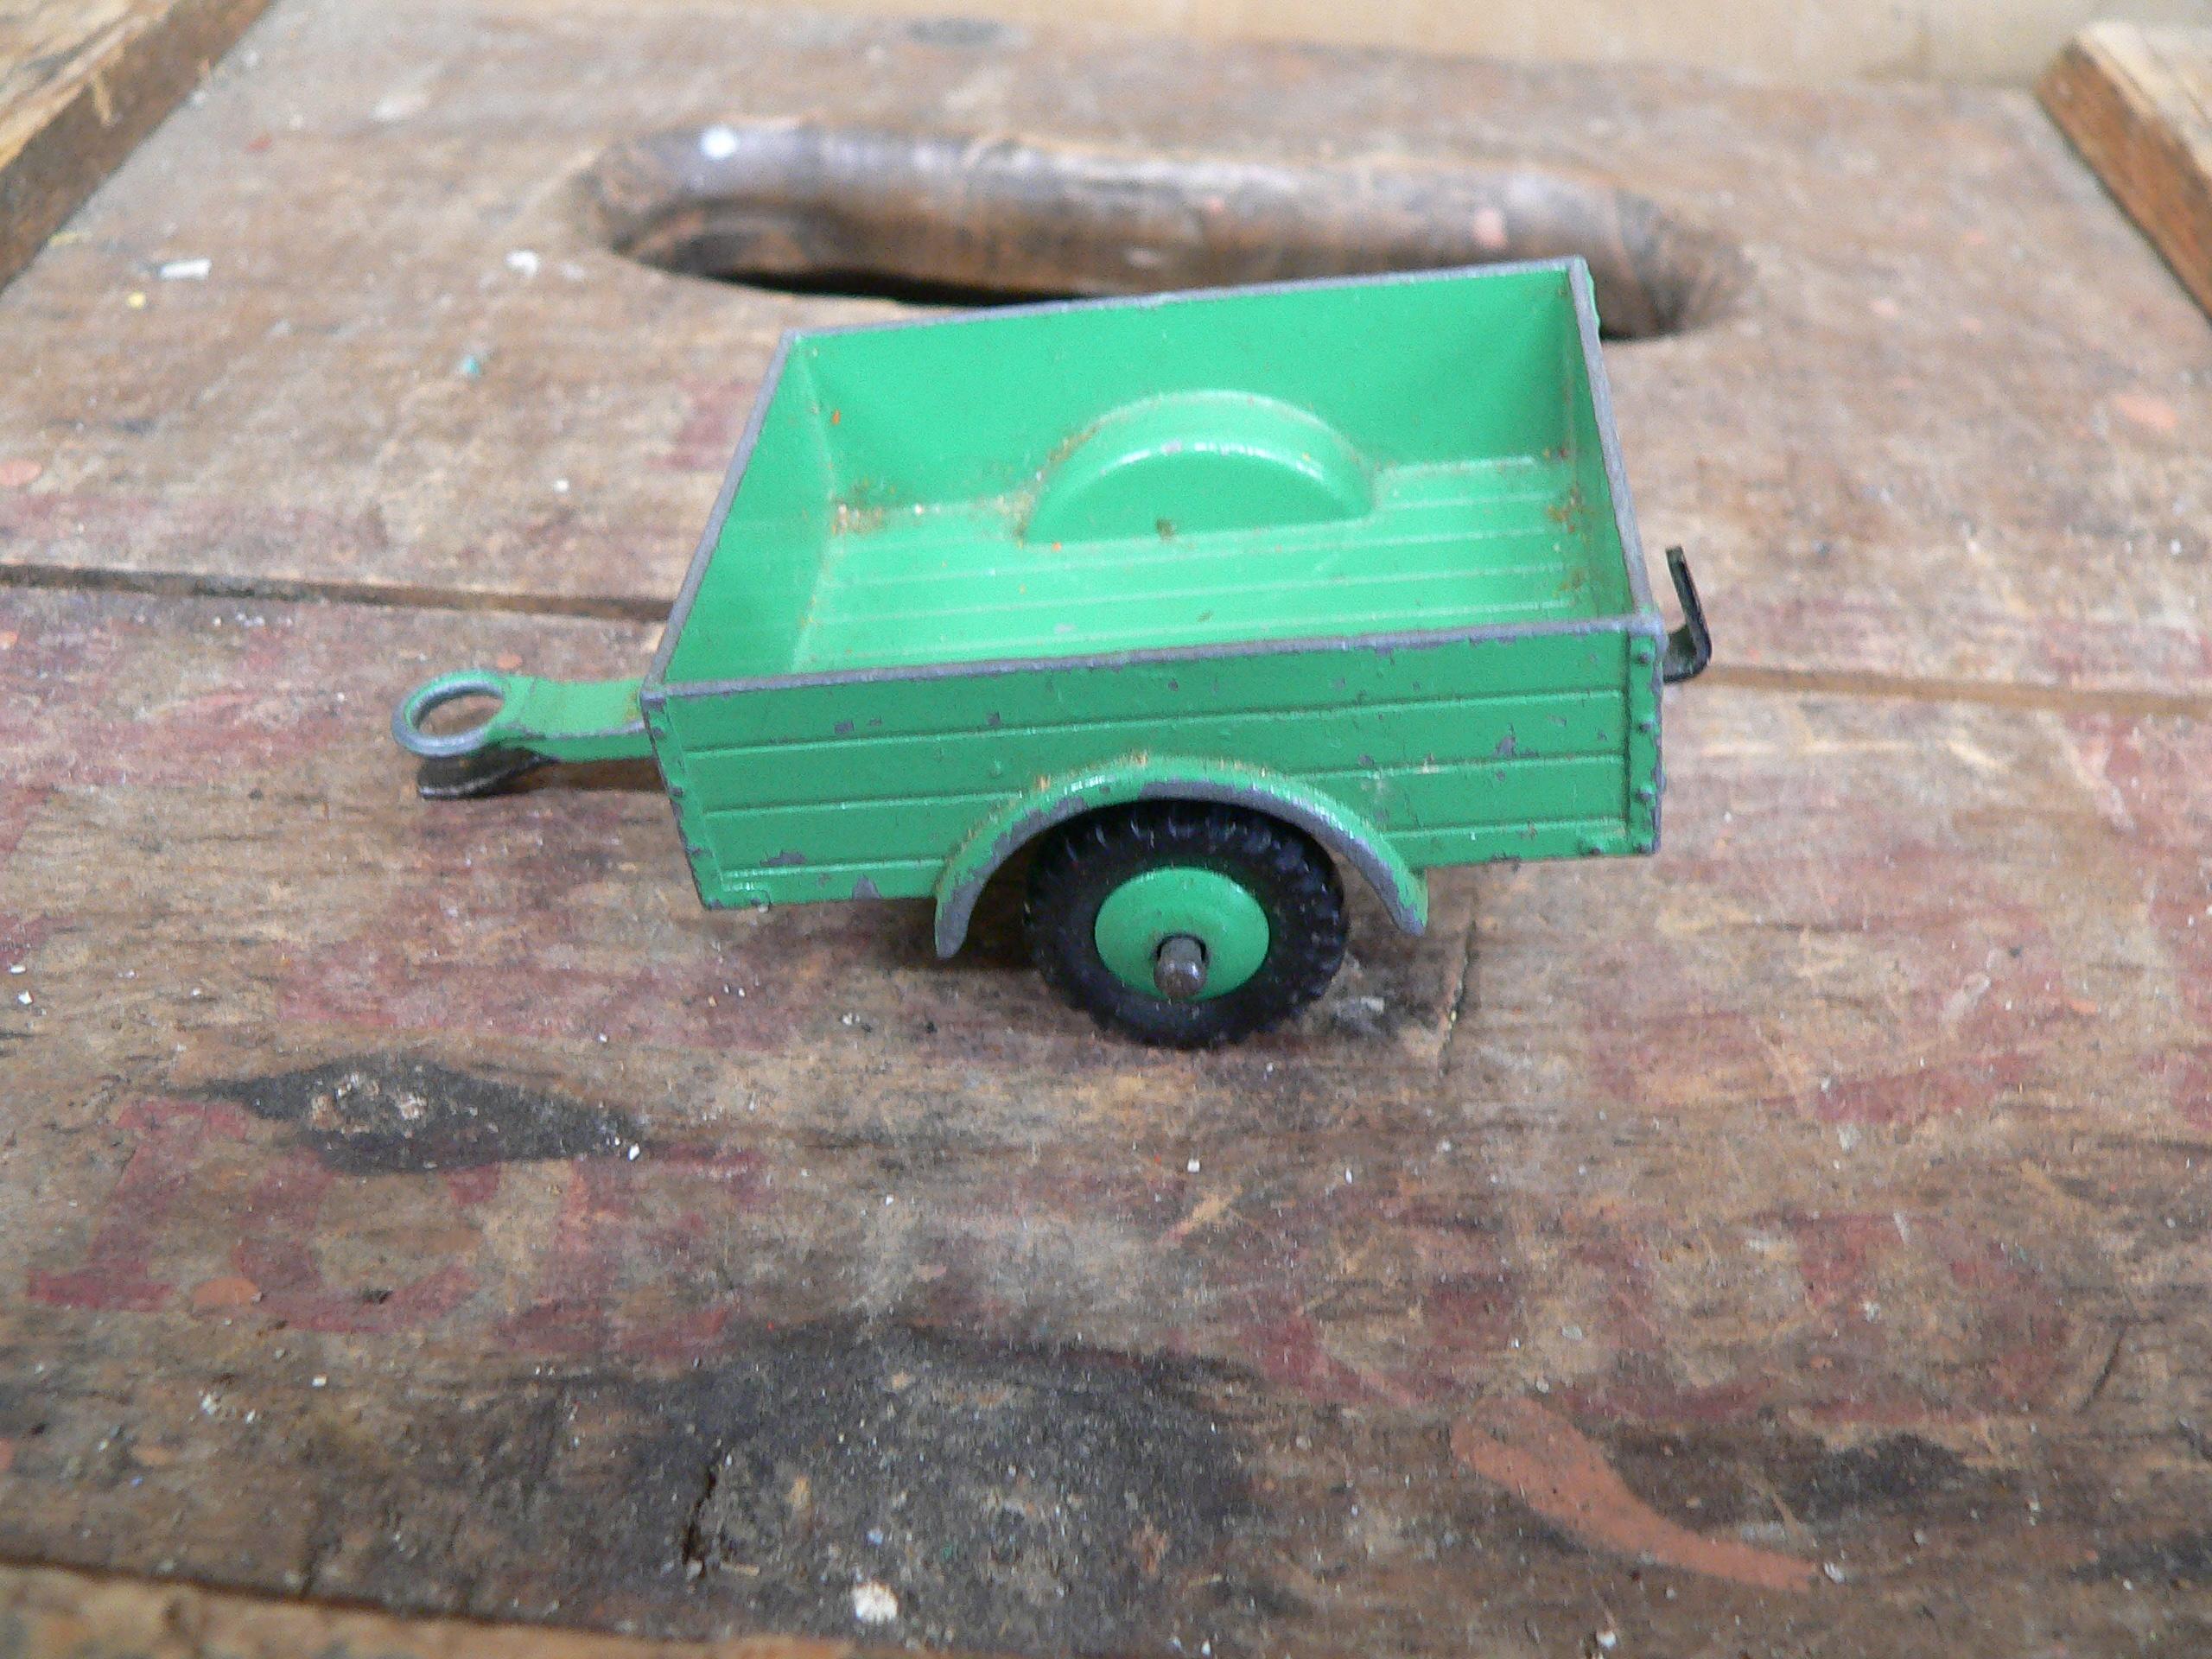 Trailer land rover green # 5923.22